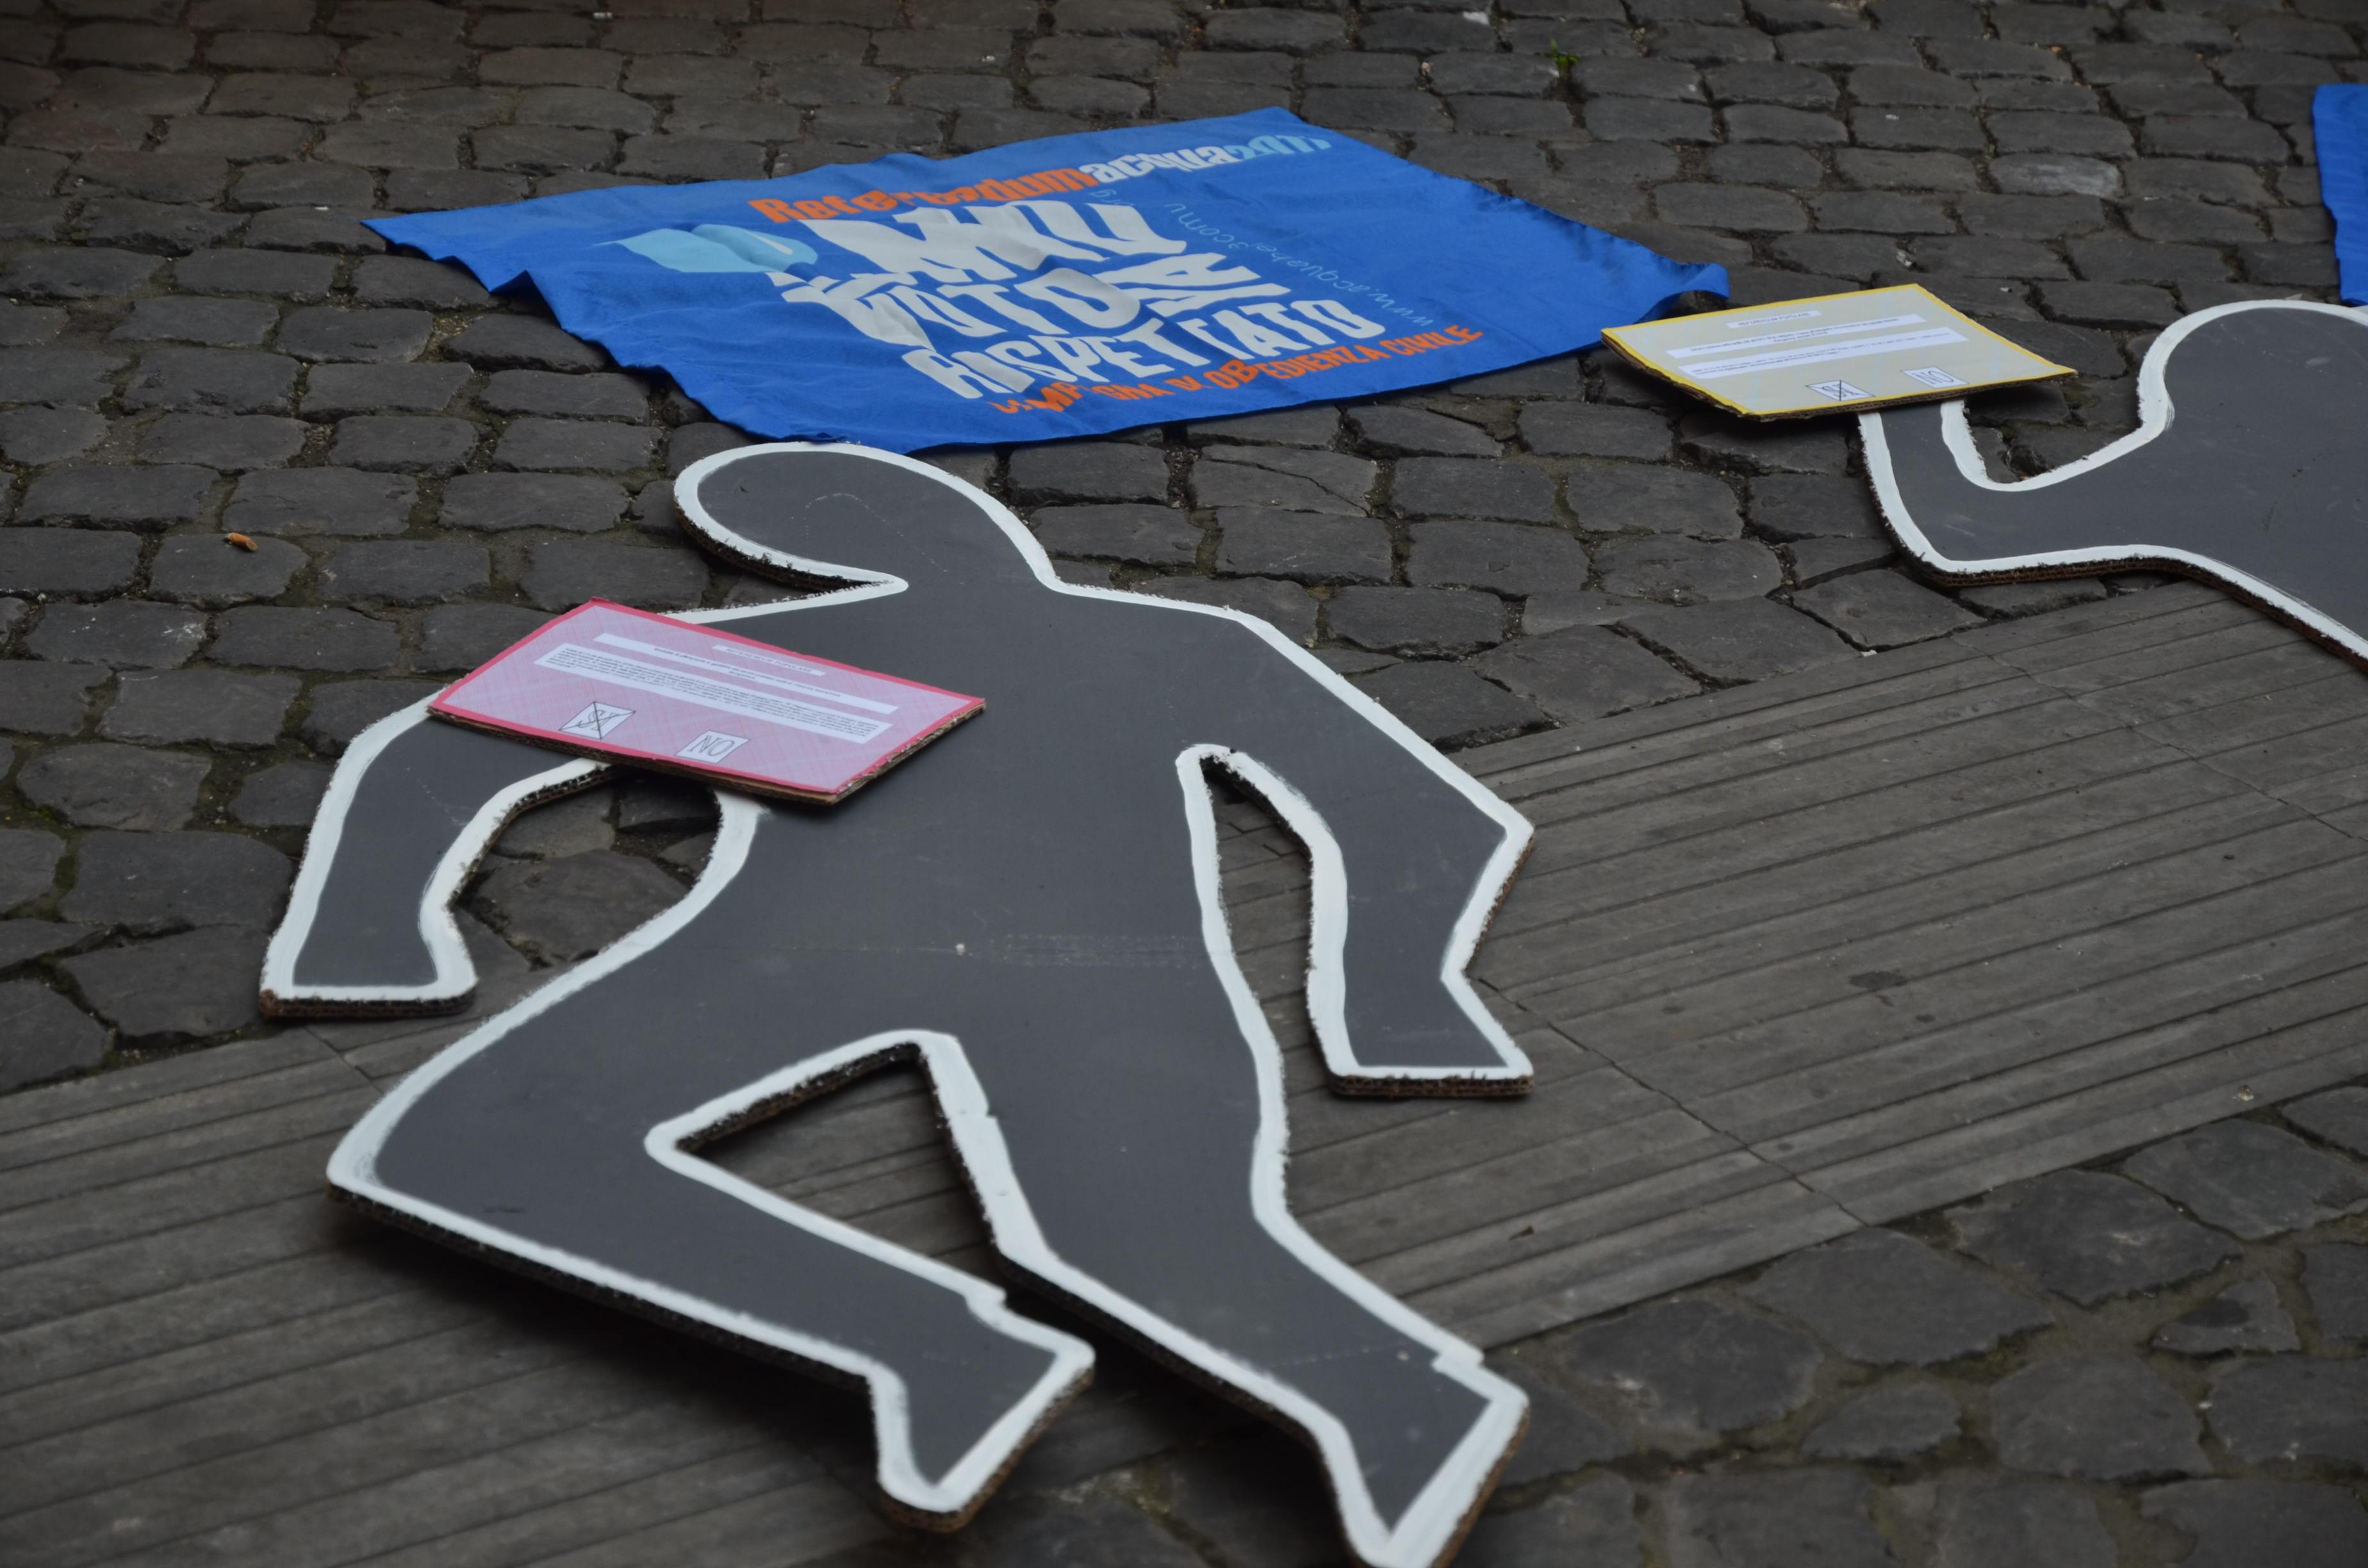 ACQUA PUBBLICA – stanno uccidendo il referendum